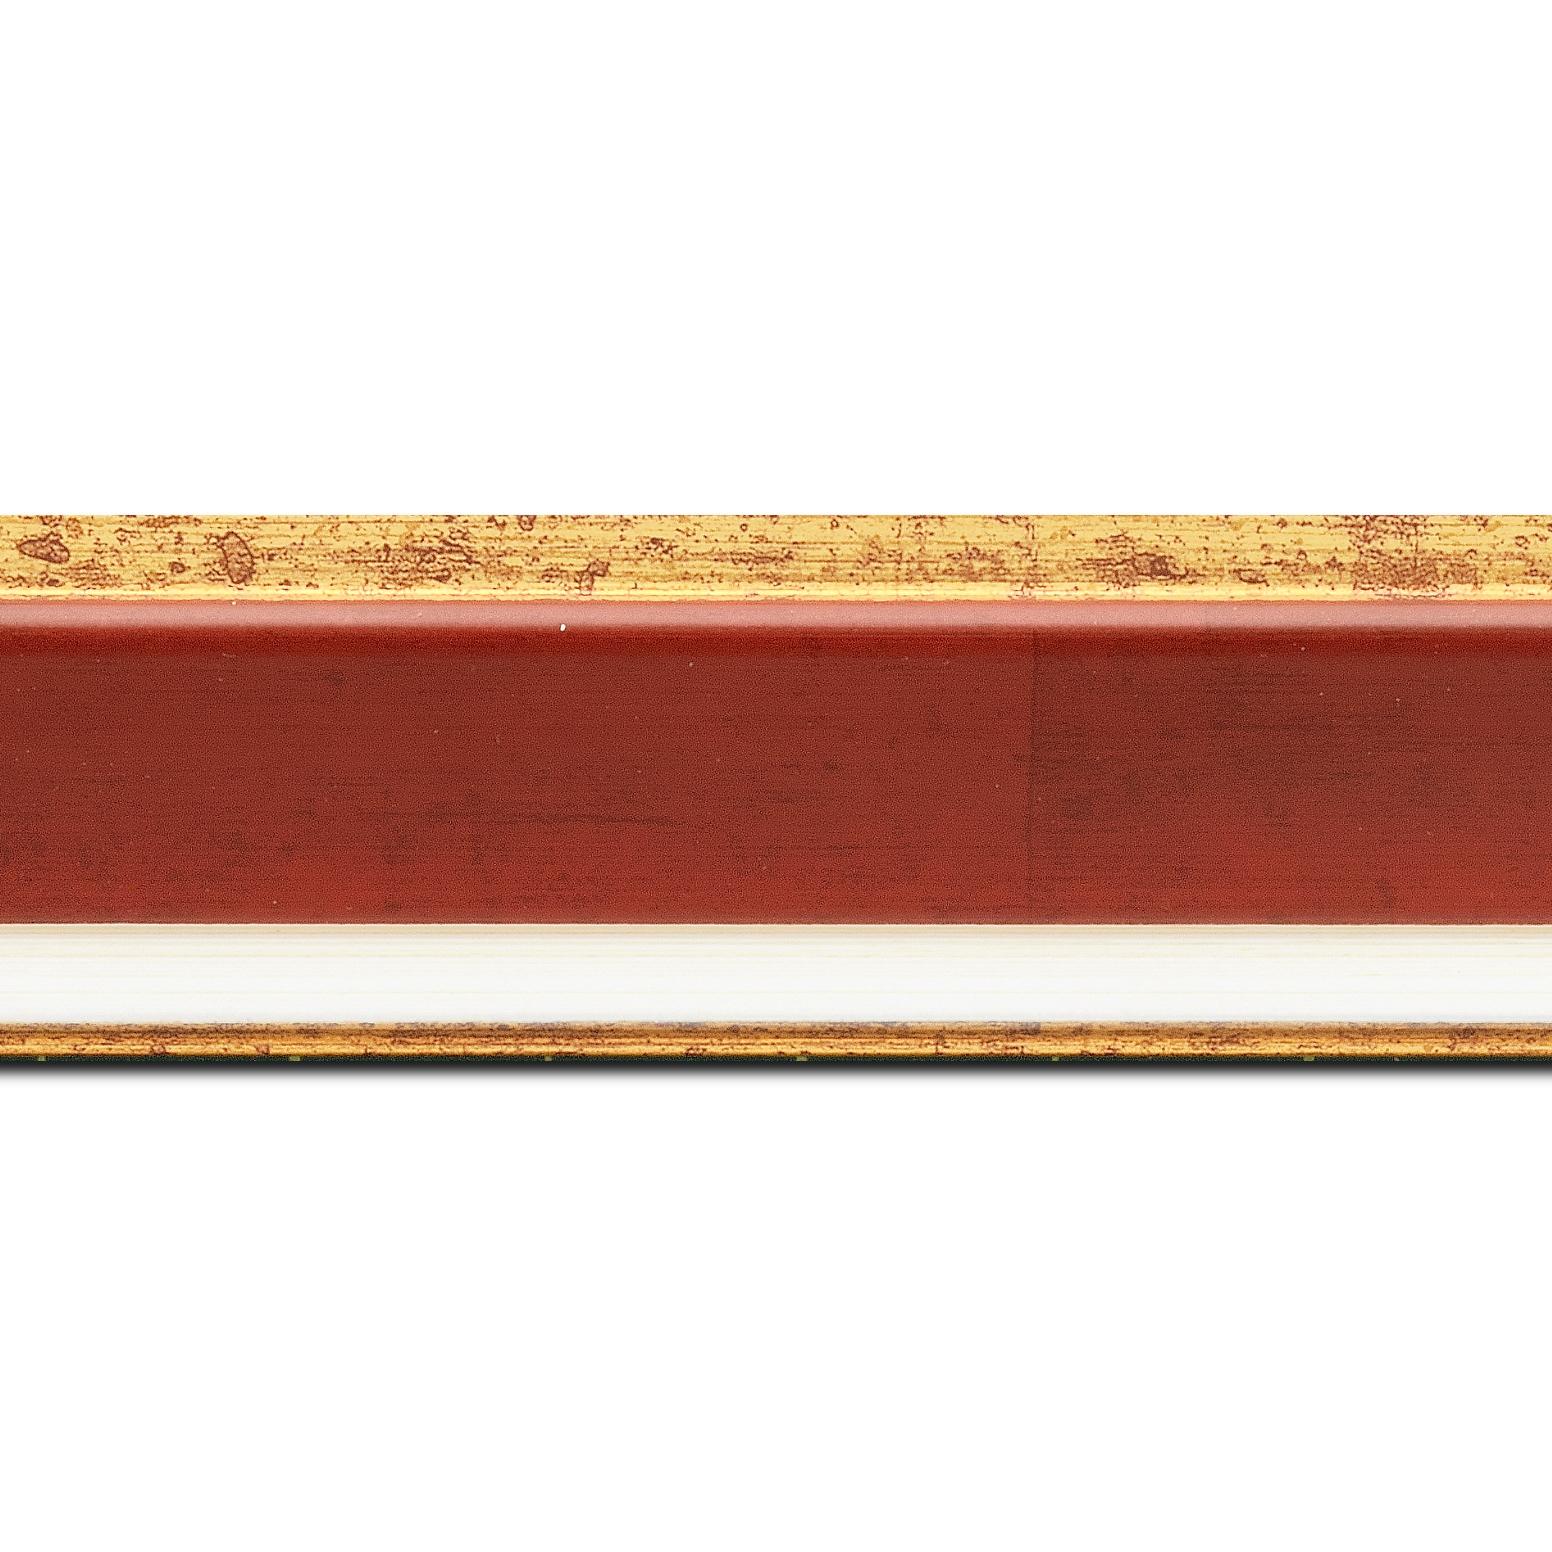 Pack par 12m, bois profil incliné largeur 5.4cm couleur bordeaux marie louise crème filet or intégrée(longueur baguette pouvant varier entre 2.40m et 3m selon arrivage des bois)